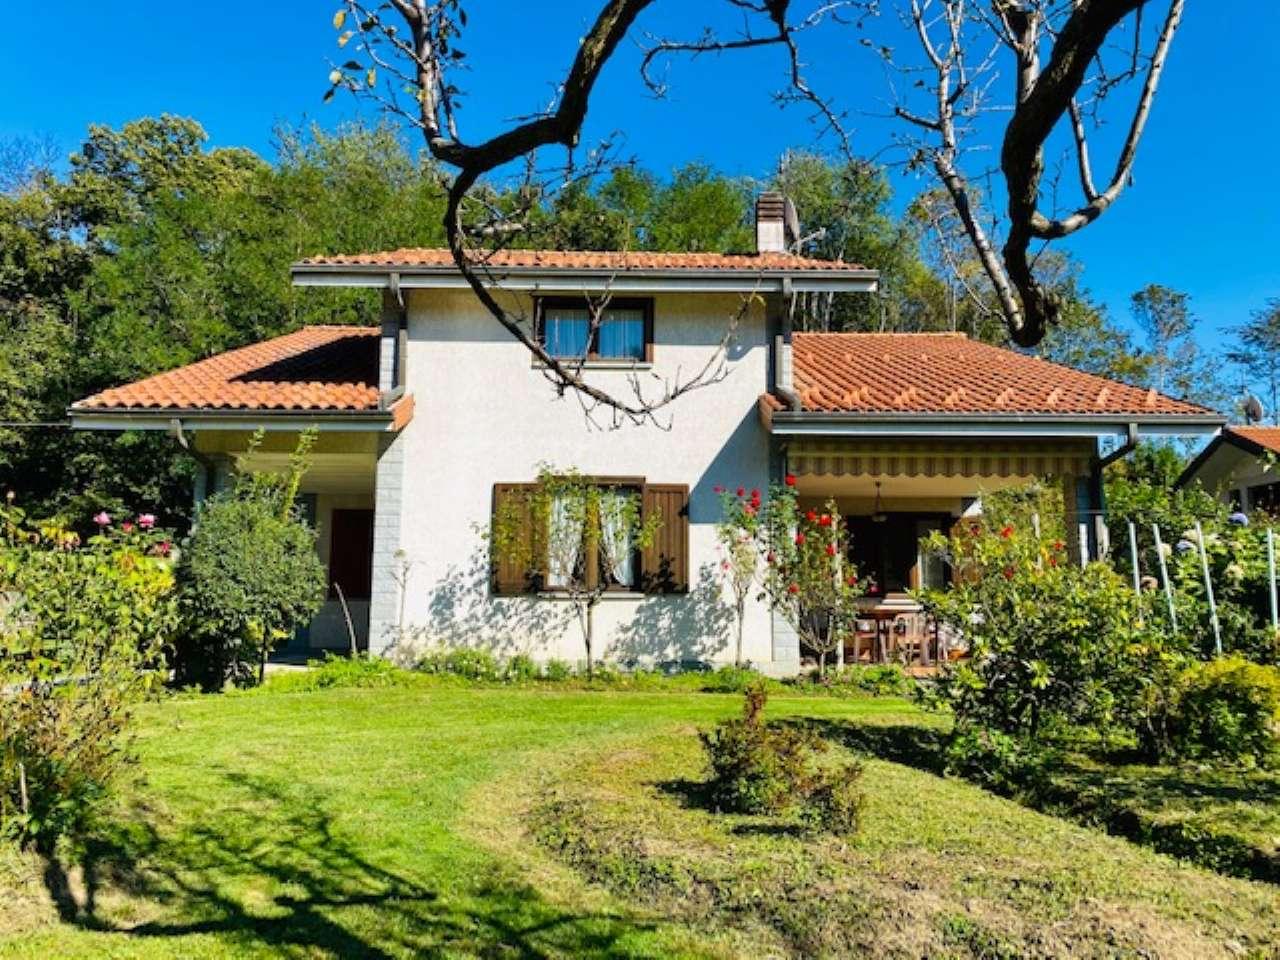 Soluzione Indipendente in vendita a Luserna San Giovanni, 7 locali, prezzo € 330.000   CambioCasa.it